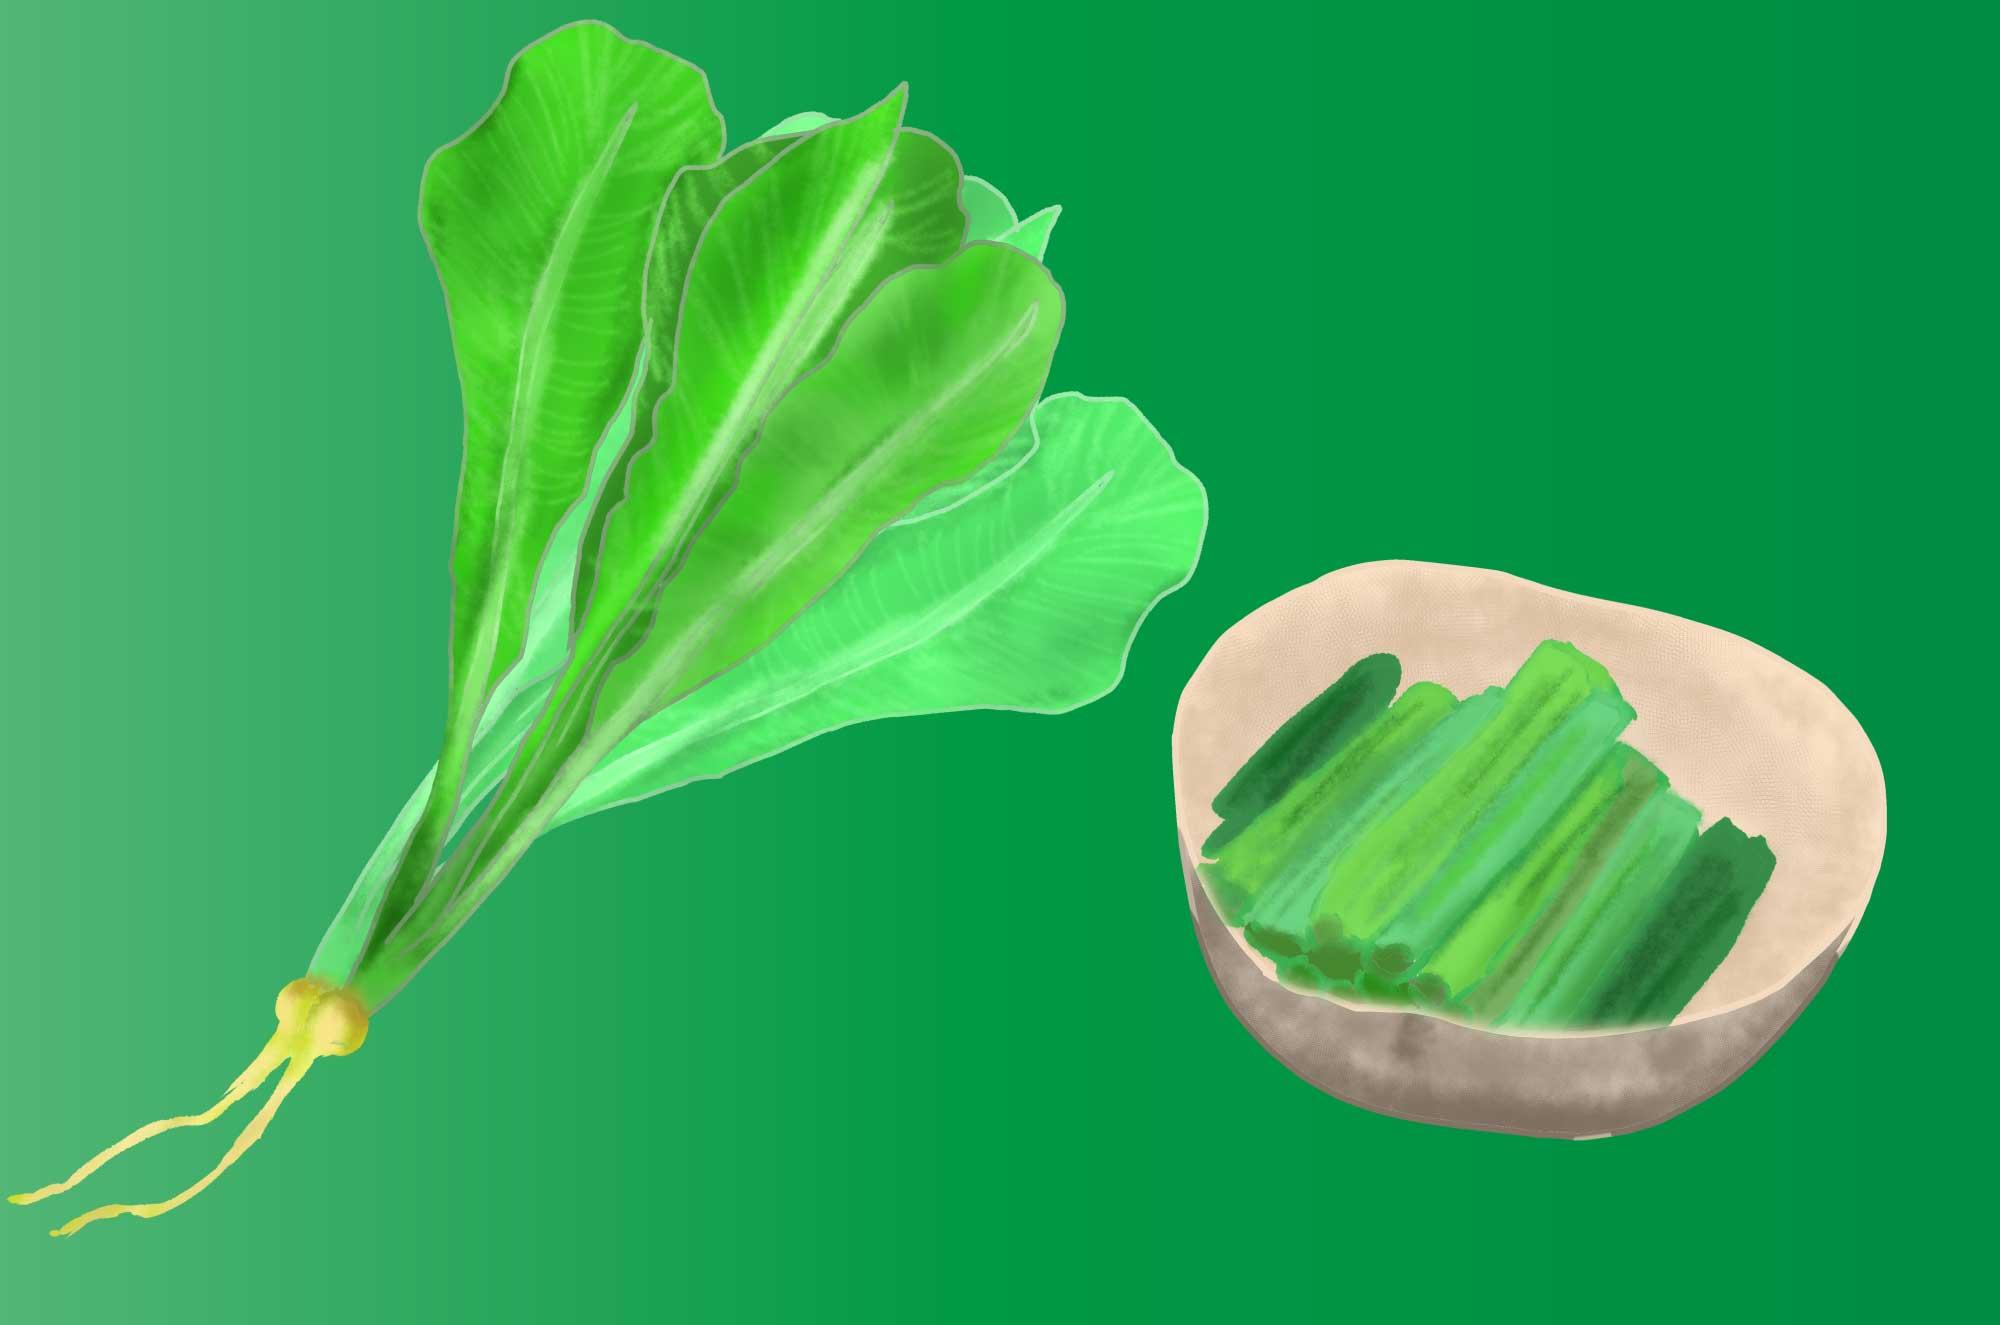 野沢菜(信州菜)のフリーイラスト - 漬物素材にも